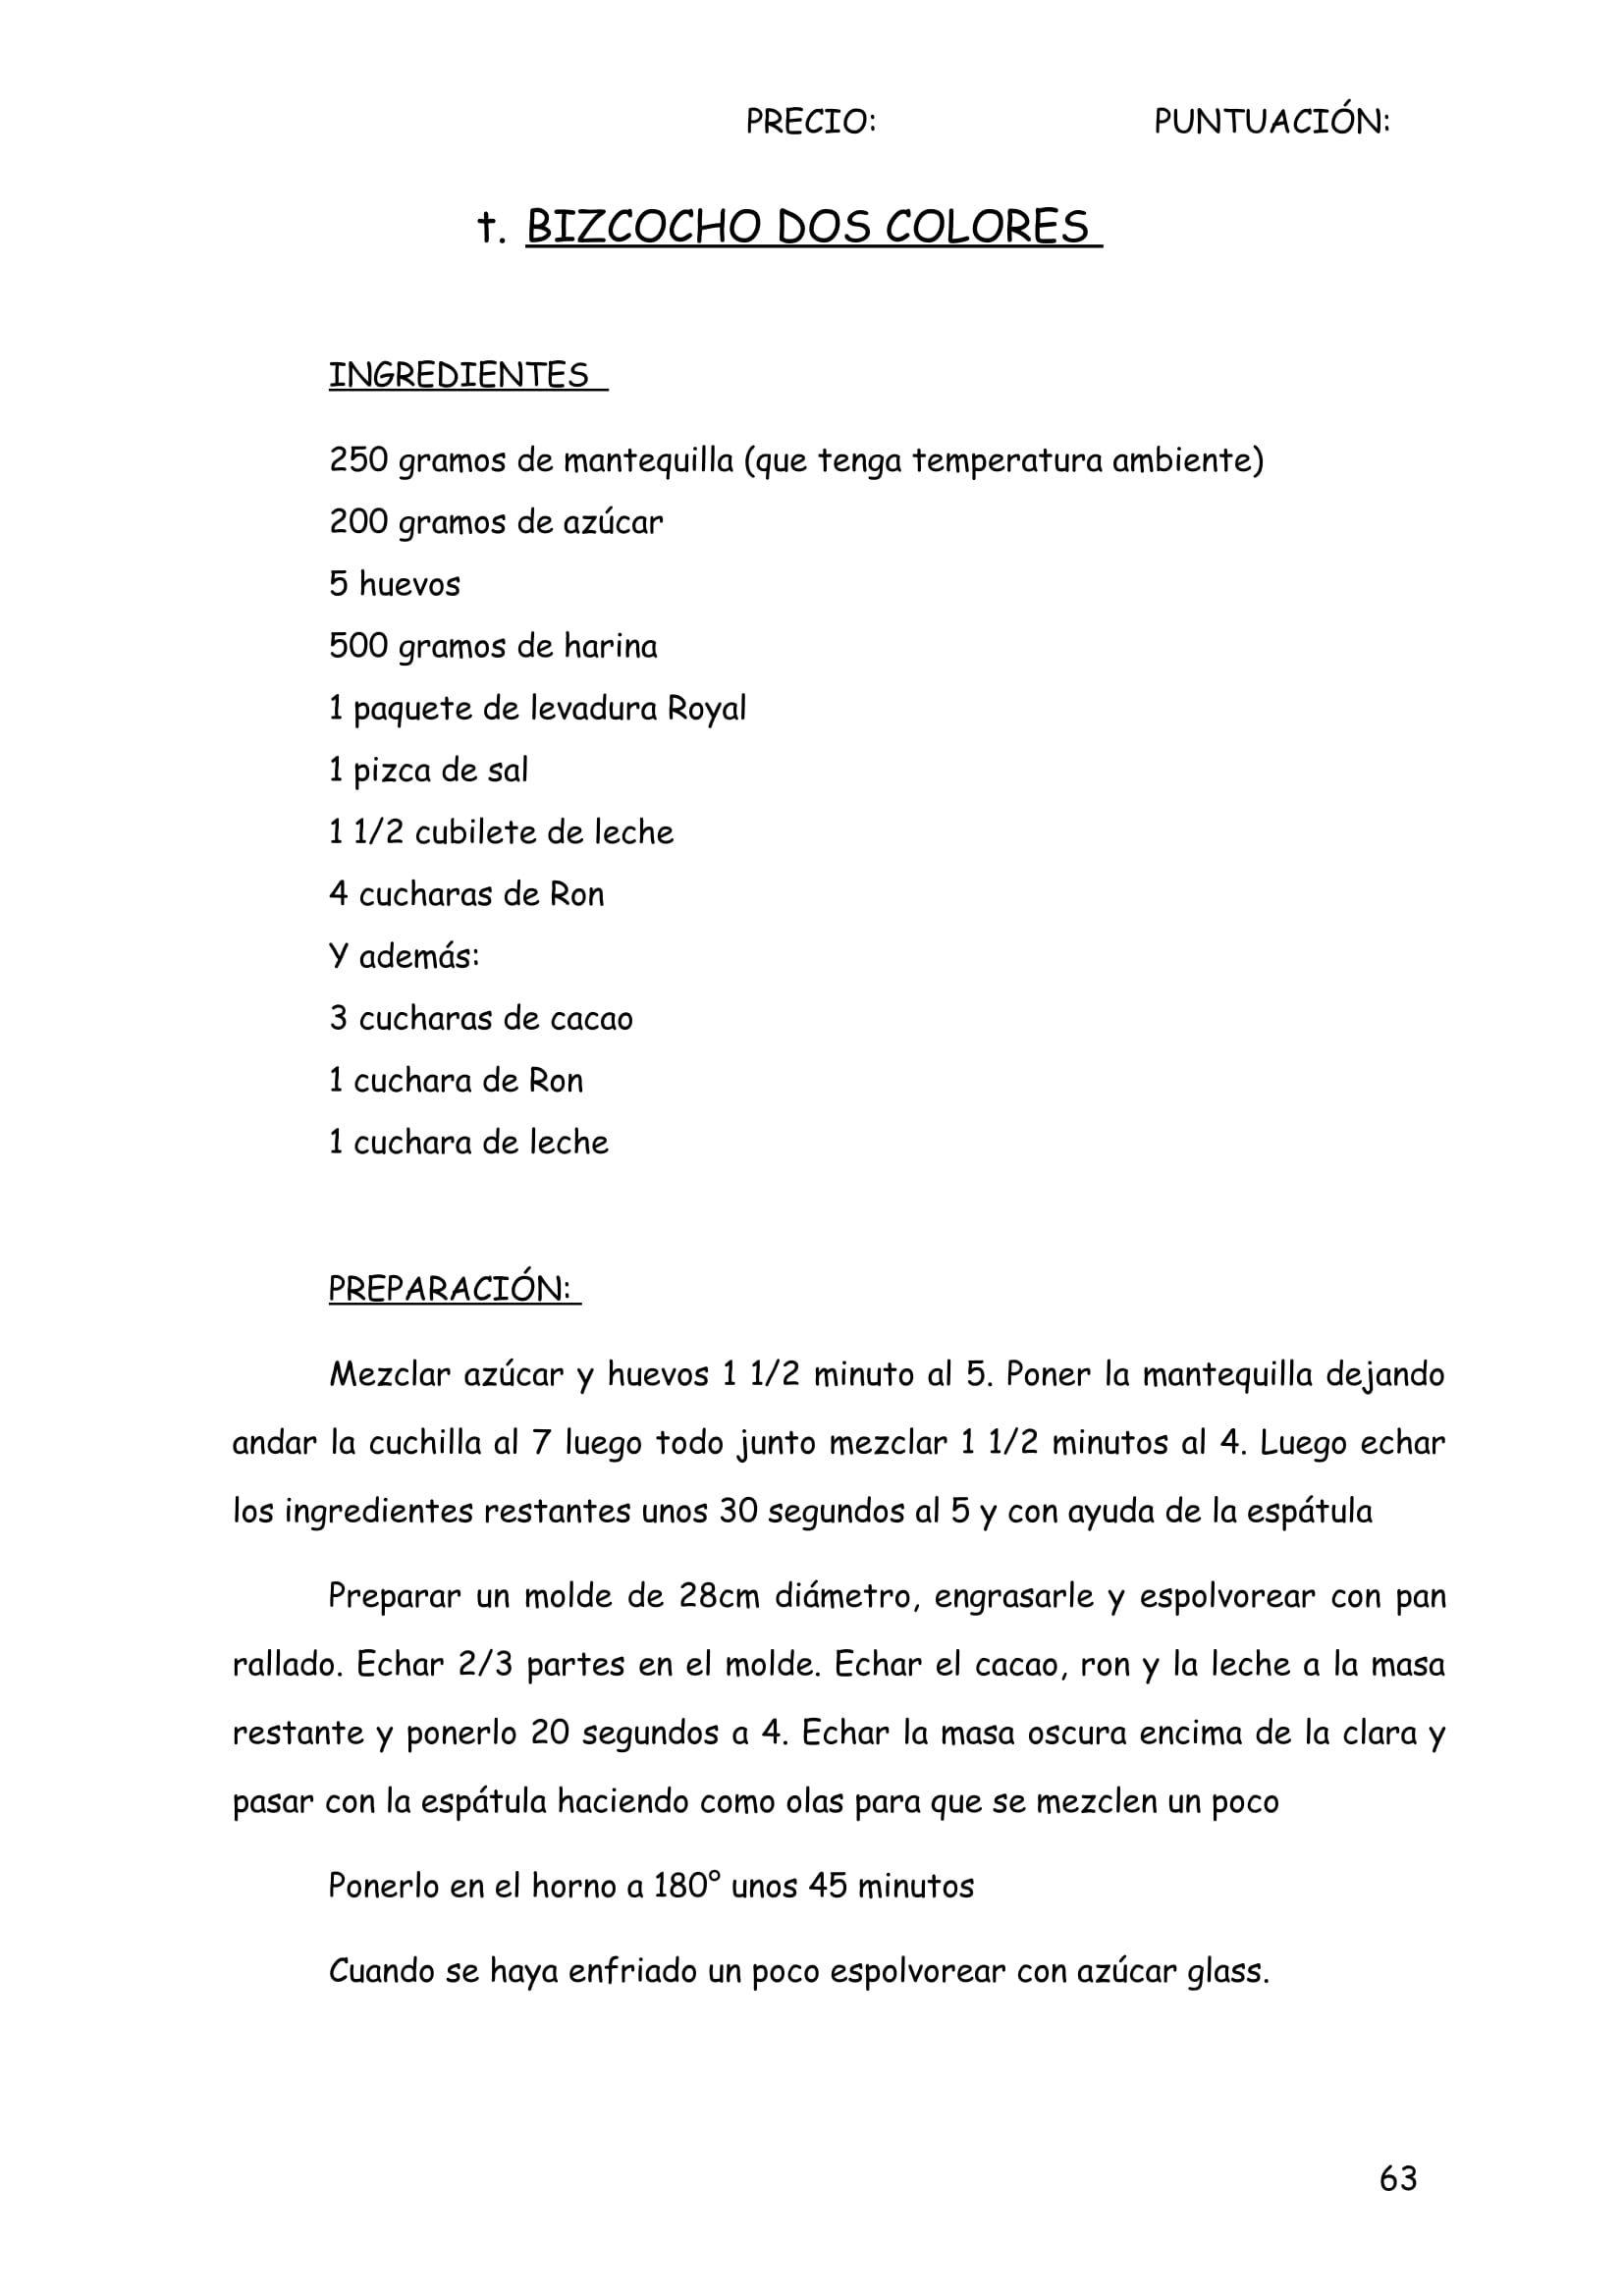 Recetas Thermomix Recetas Thermomix Recetas Recetas De Cocina